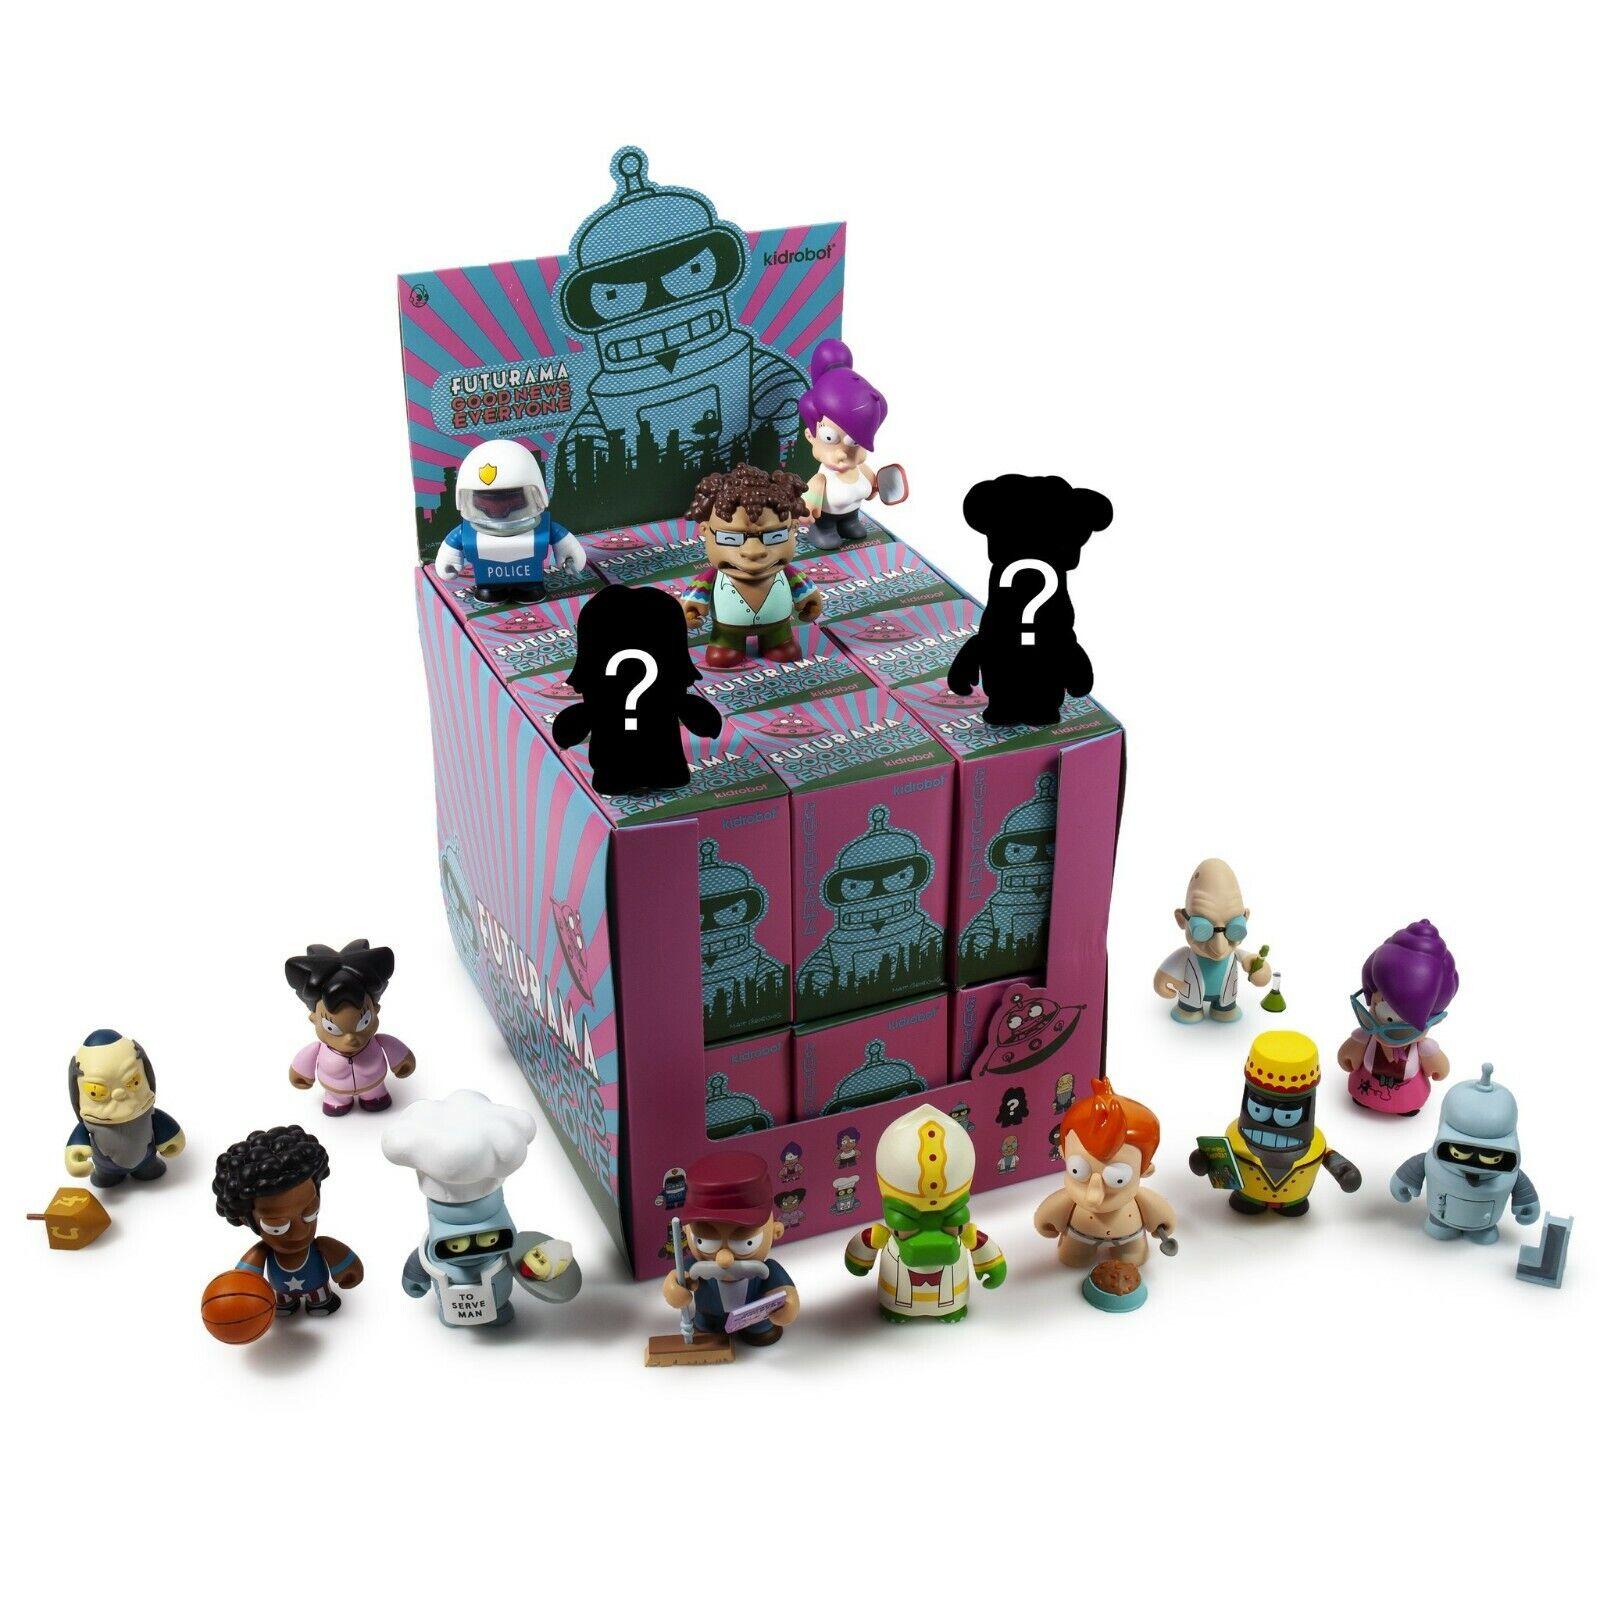 Kidrobot Futurama buenas noticias todos de 3 Pulgadas Figura Sellada Caja de 24 cajas ciegas